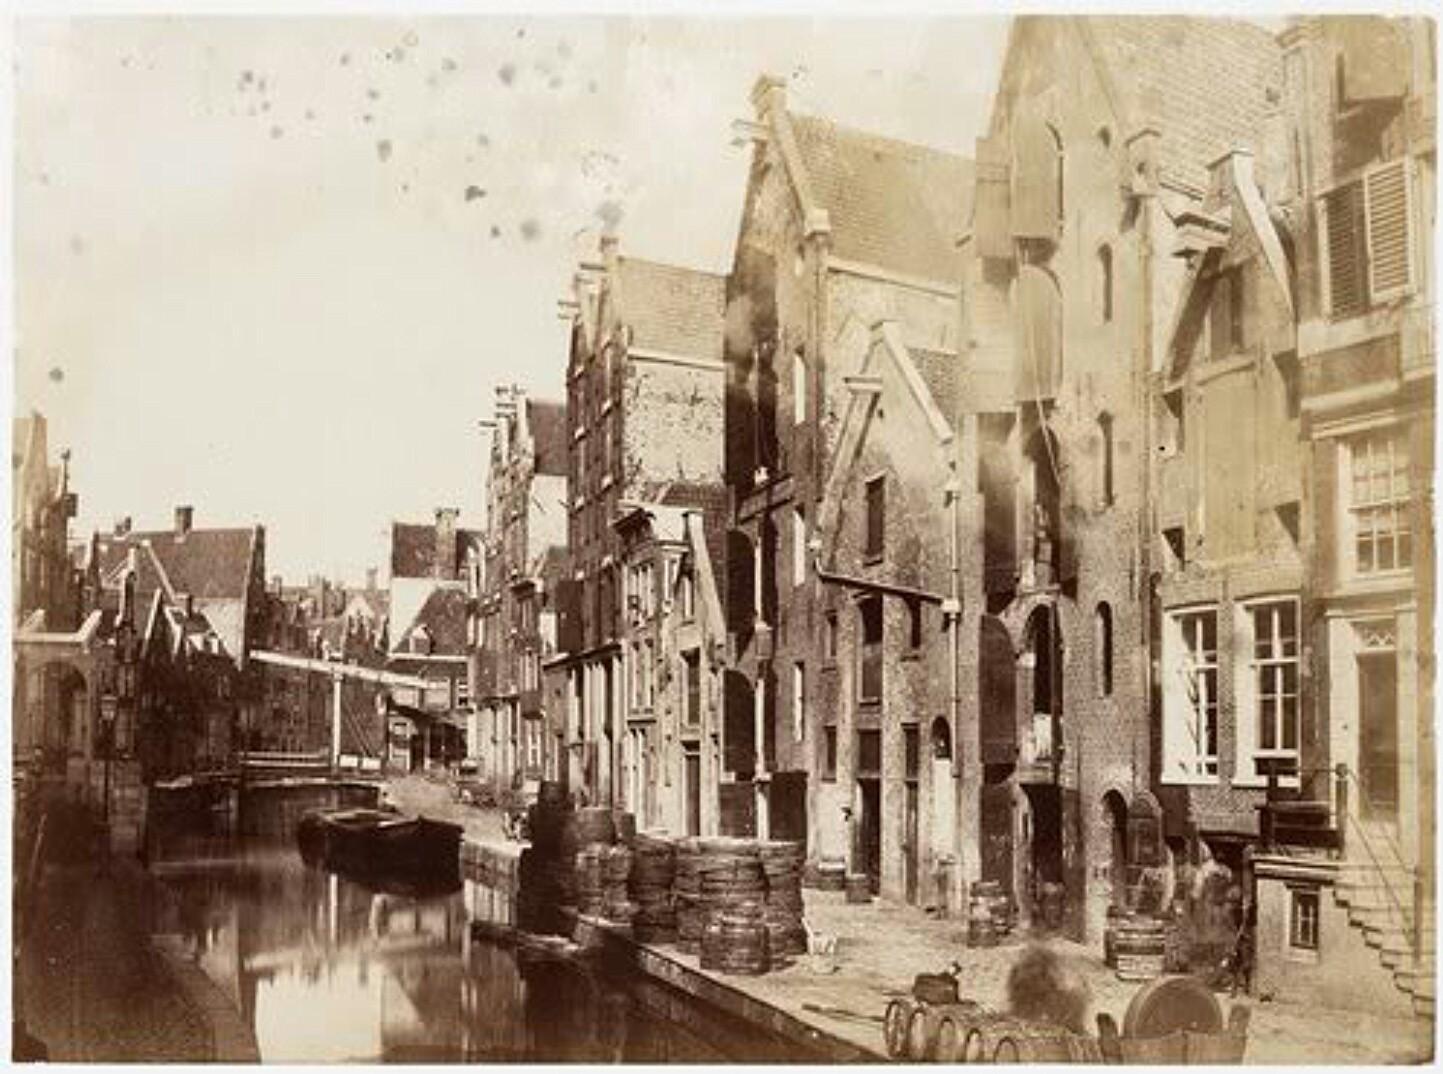 Spuistraat vroeger toen het nog Nieuwezijds Achterburgwal heette. Het ophaalbruggetje is ter hoogte van het Kattegat.